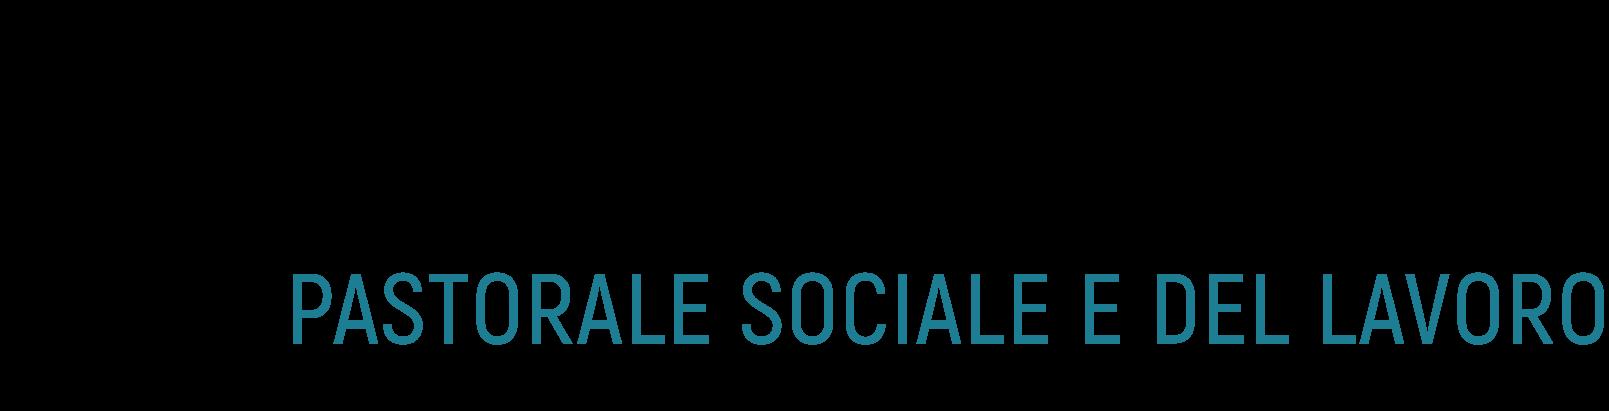 Logo Ufficio Regionale Pastorale Sociale e del Lavoro - Piemonte e Valle D'Aosta